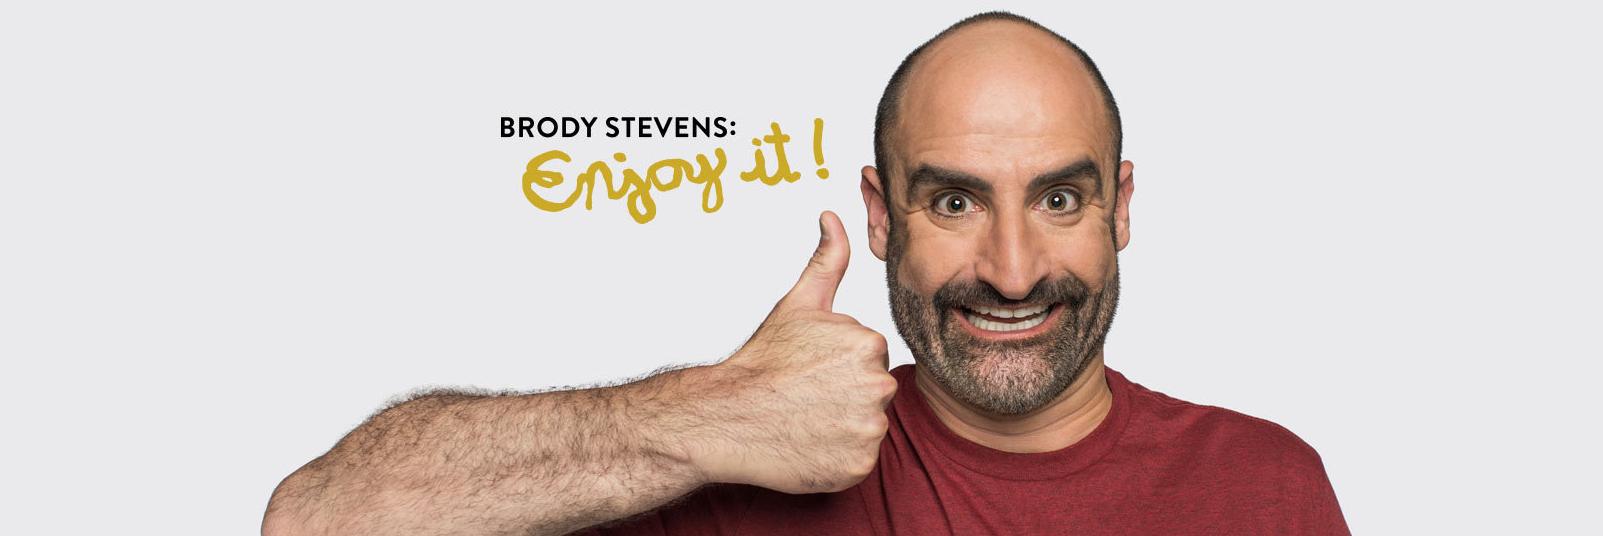 Brody Stevens: Enjoy It! (Comedy Central)